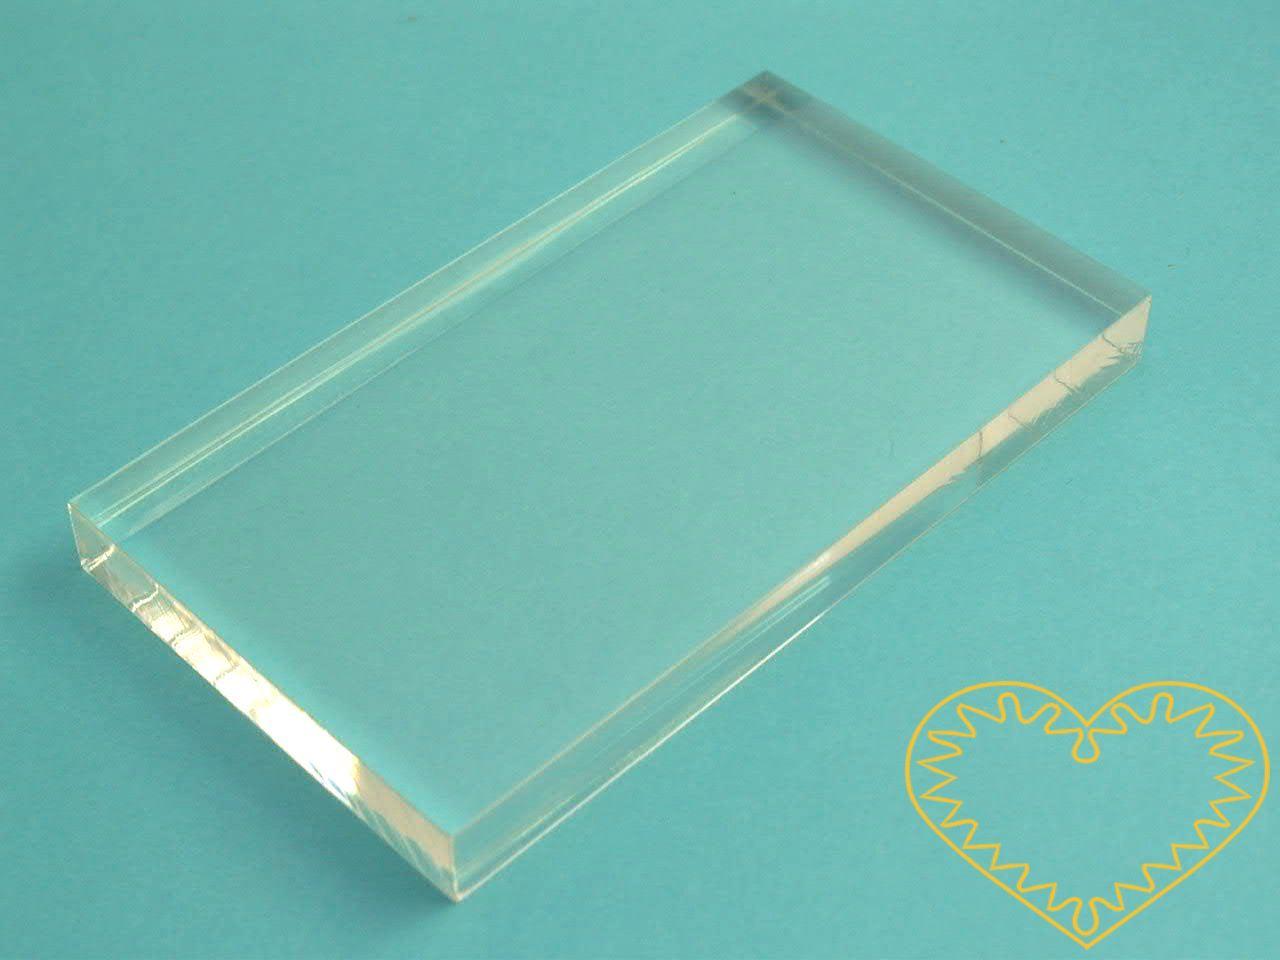 Velký akrylový blok 101 x 152 x 10 mm - razítkovací podložka. Na ni jednoduše nalepíte gelové razítko a tisknete. Po skončení práce opět razítko odlepíte.